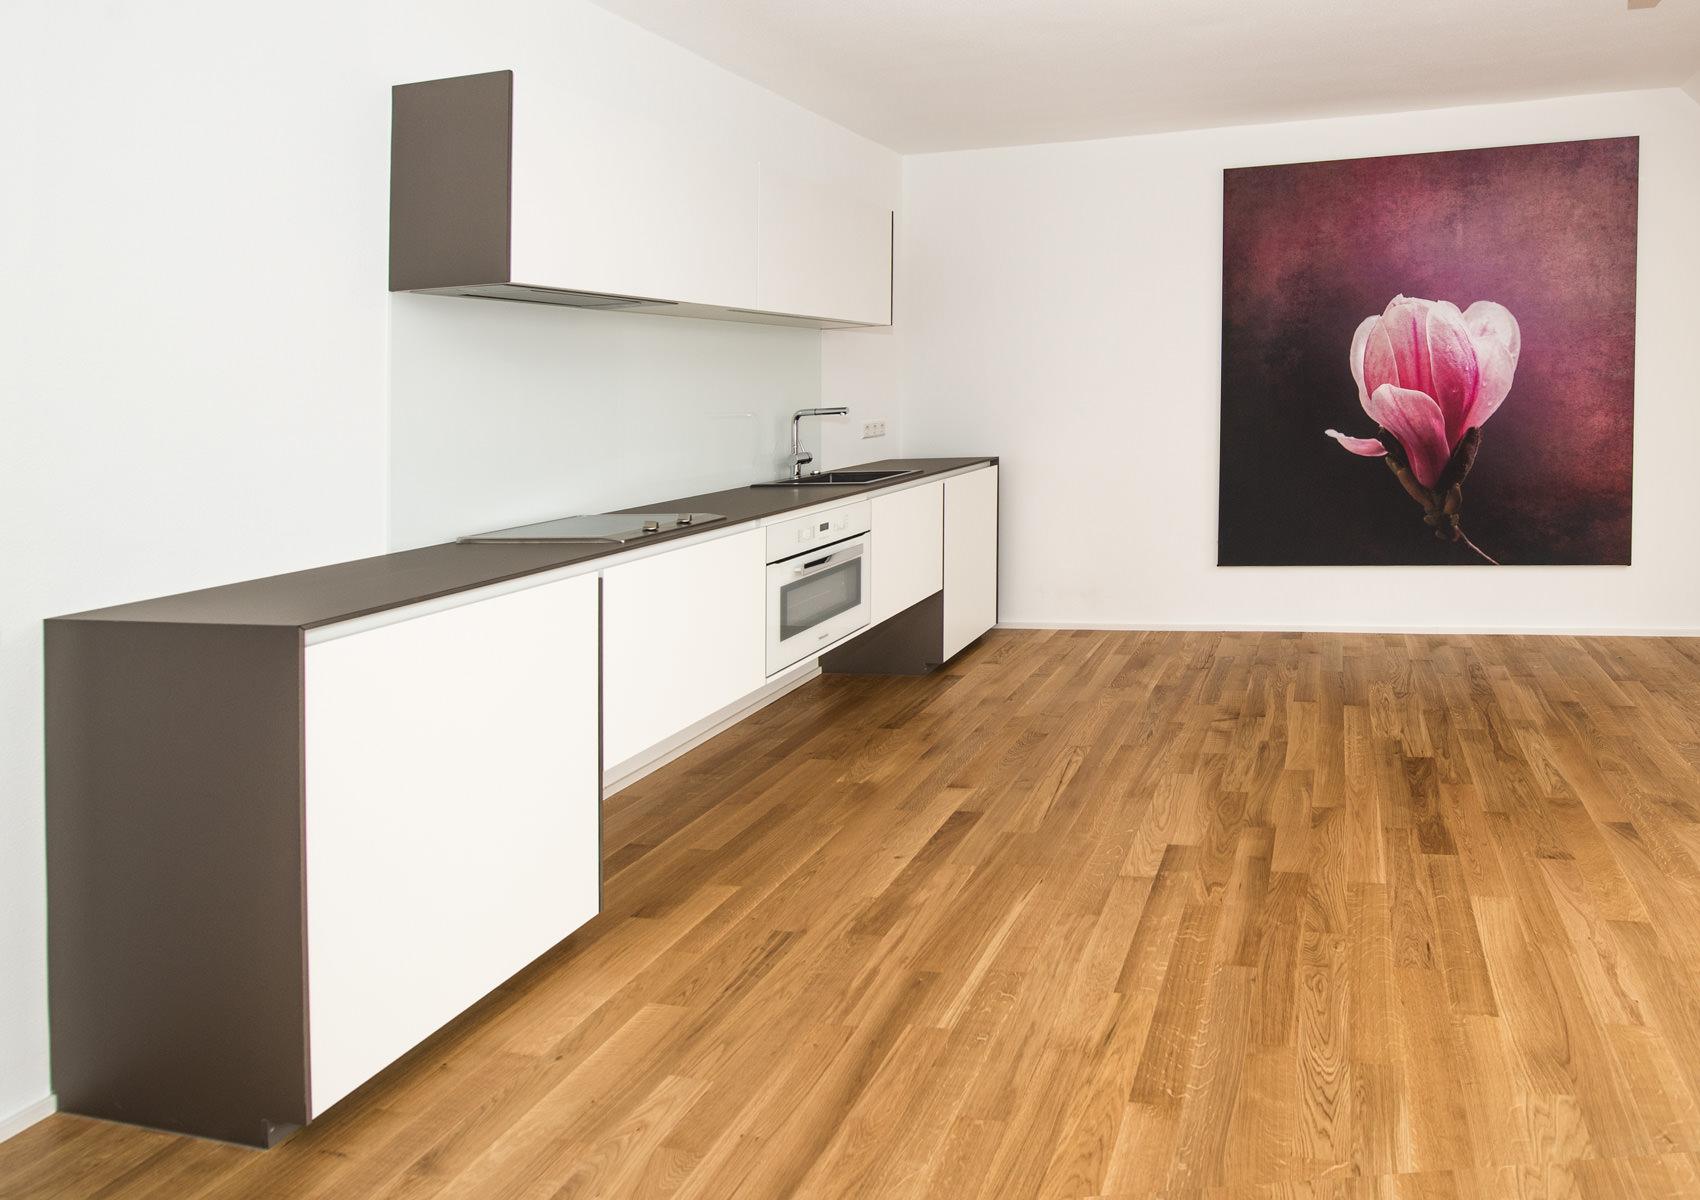 k chenblock. Black Bedroom Furniture Sets. Home Design Ideas